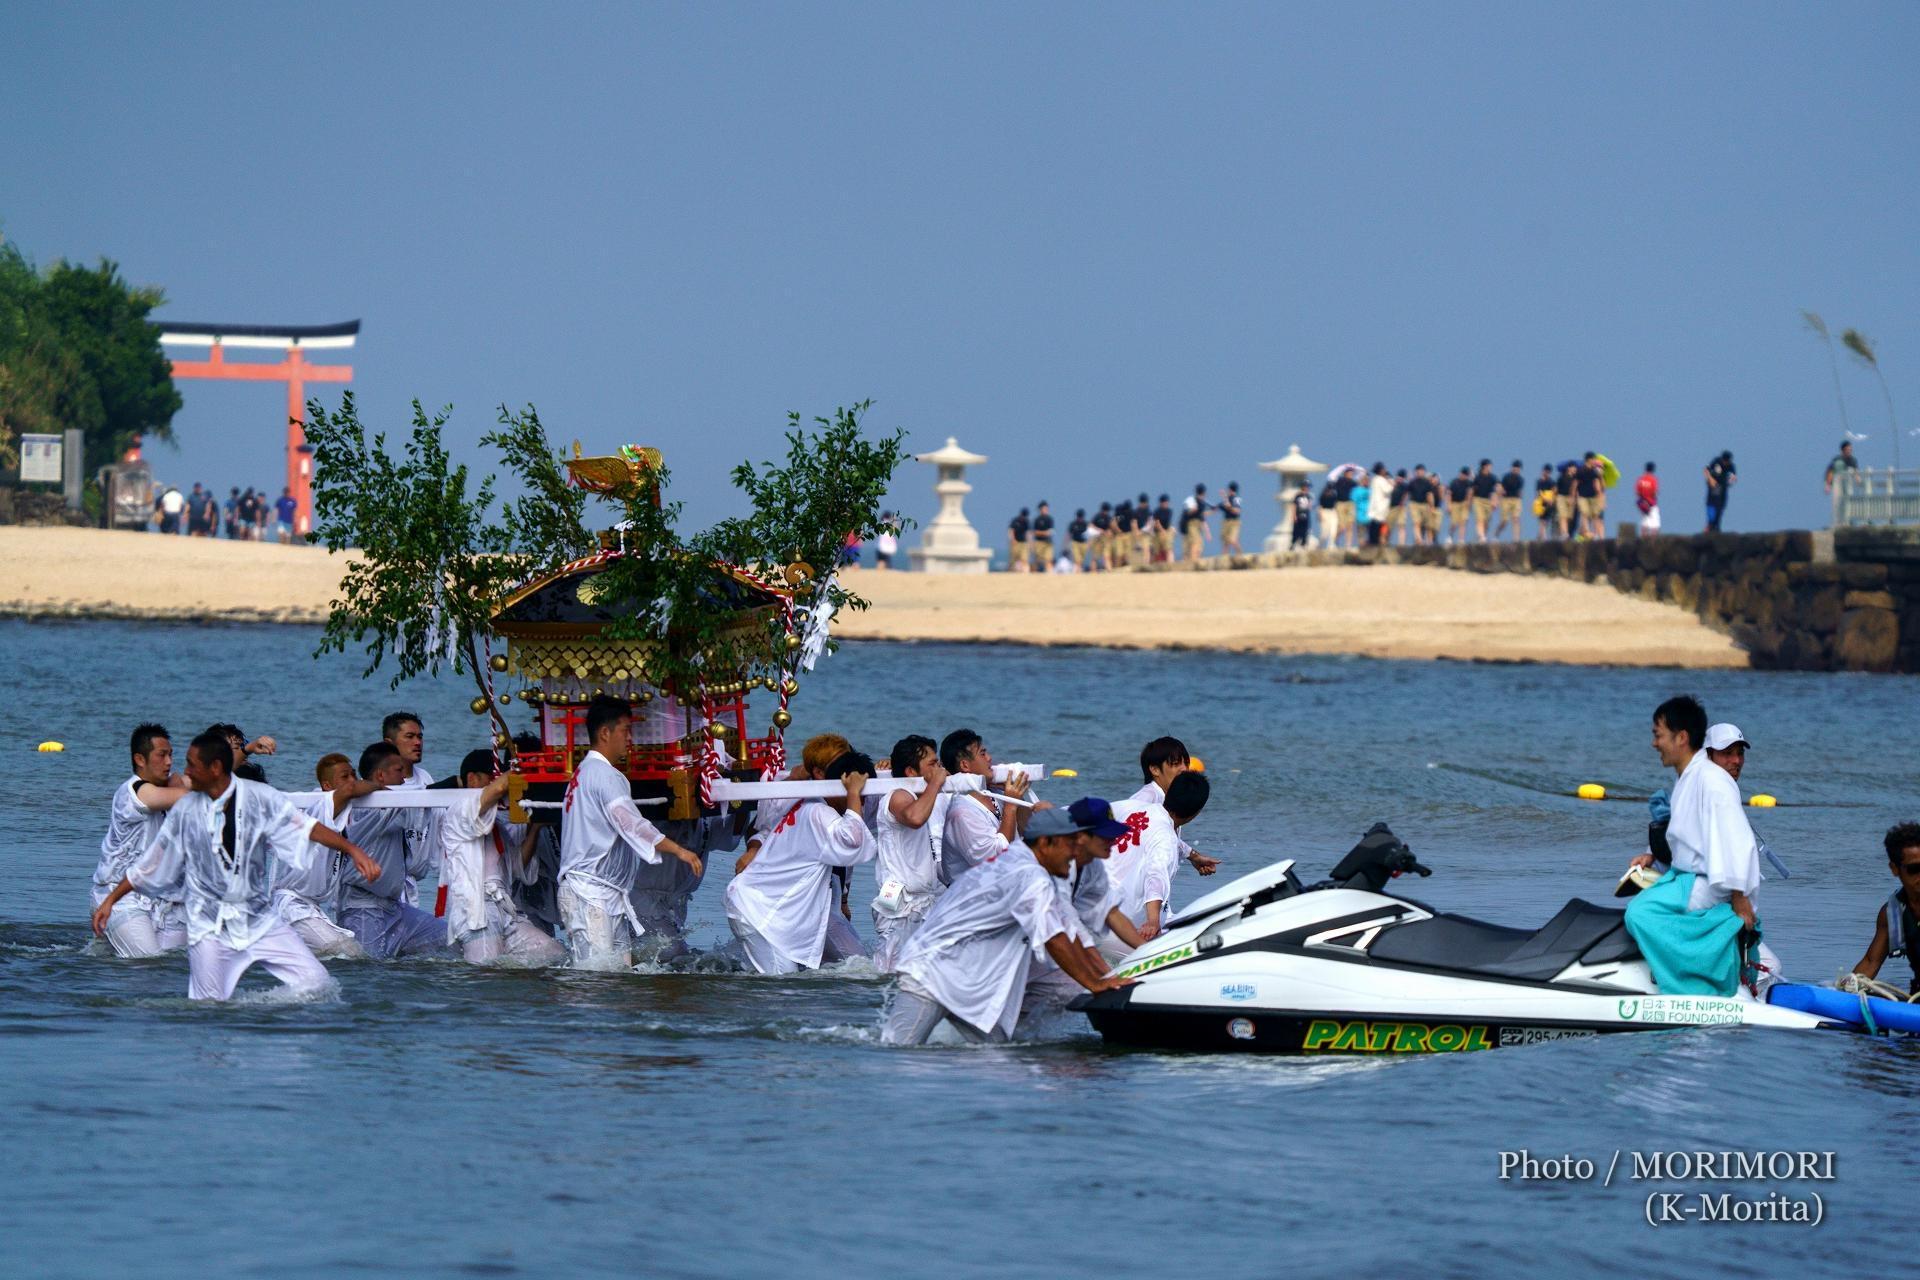 令和元年 2019年度 海を渡る祭礼 04